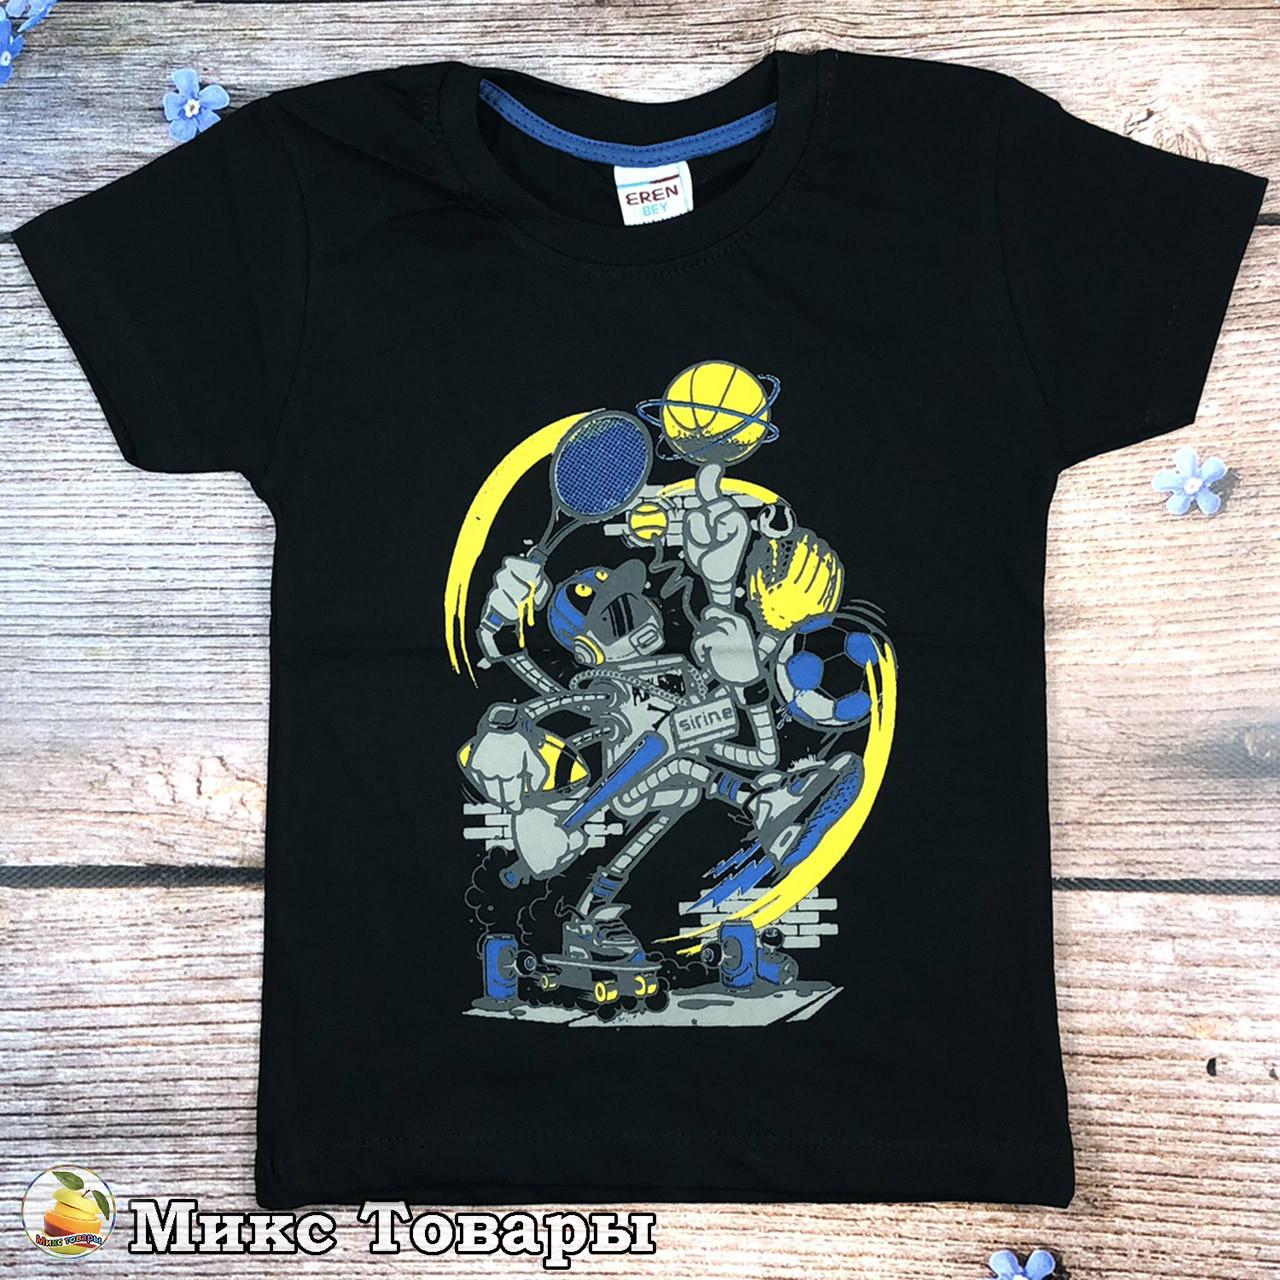 Детская футболка тёмного цвета для мальчика Размеры: 5-6,6-7,7-8,8-9 лет (8675-3)